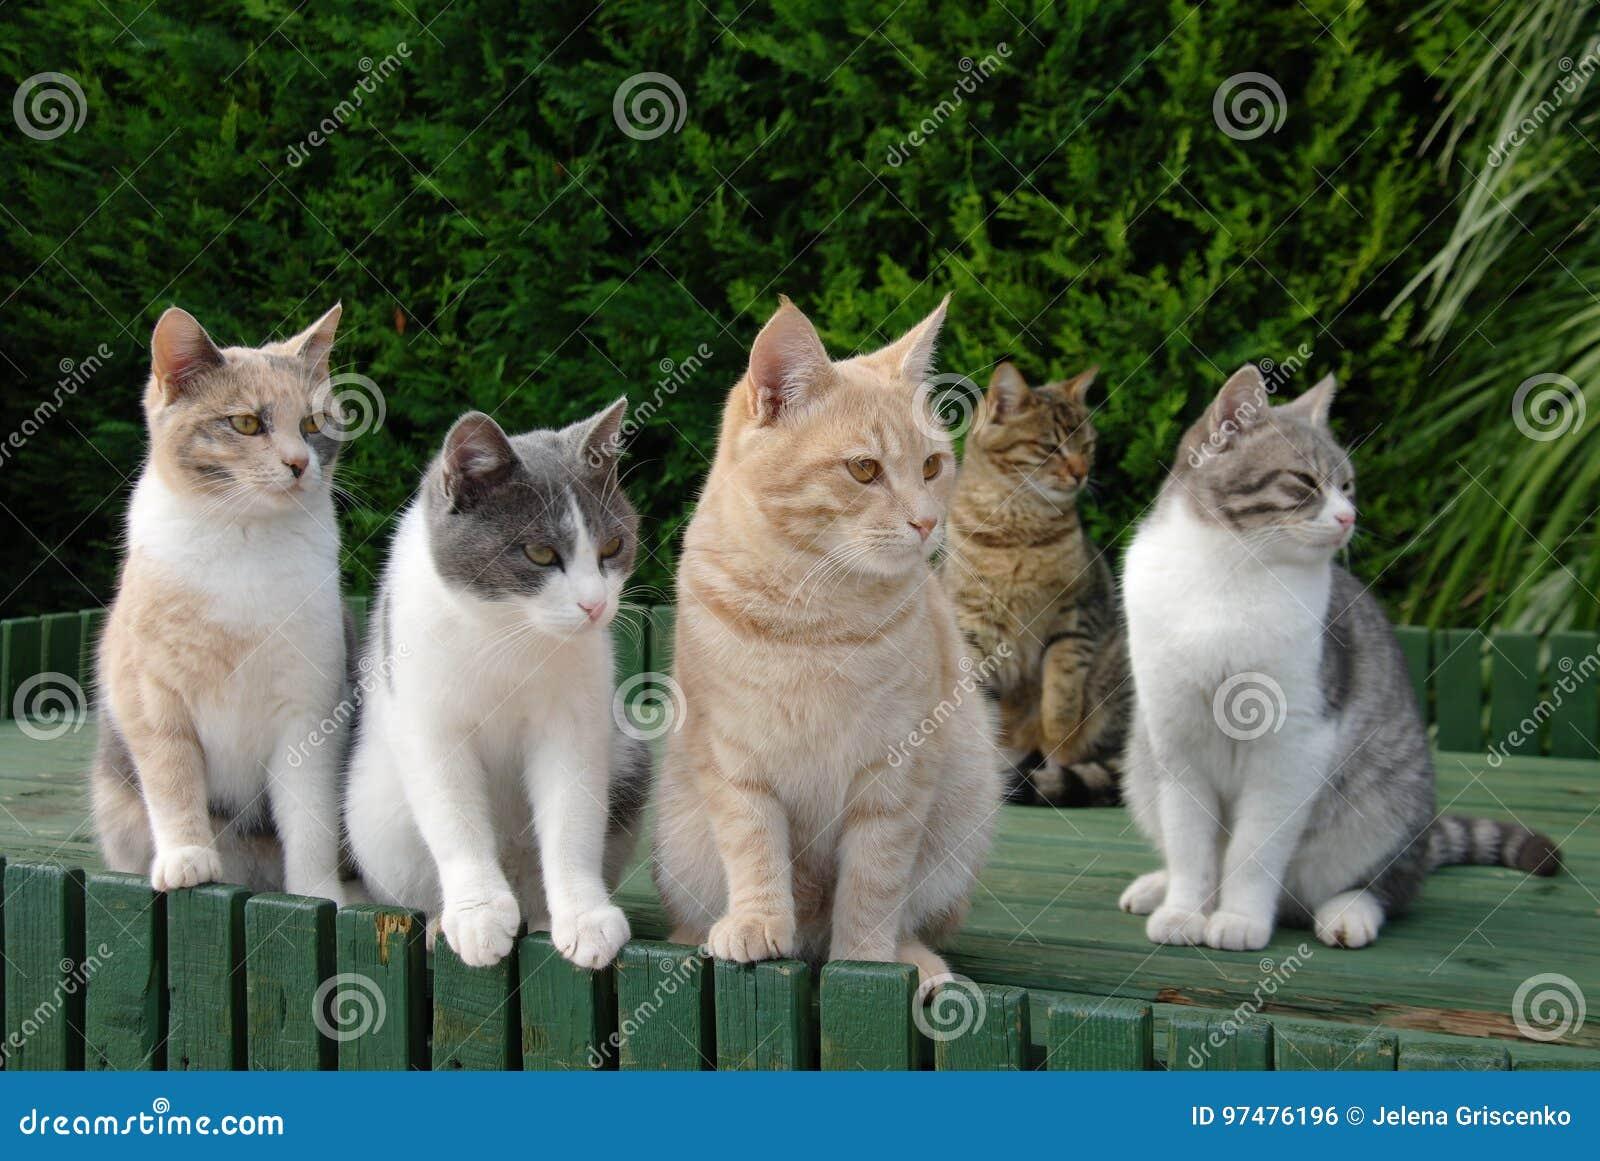 Πέντε ζωηρόχρωμες γάτες αναμονής